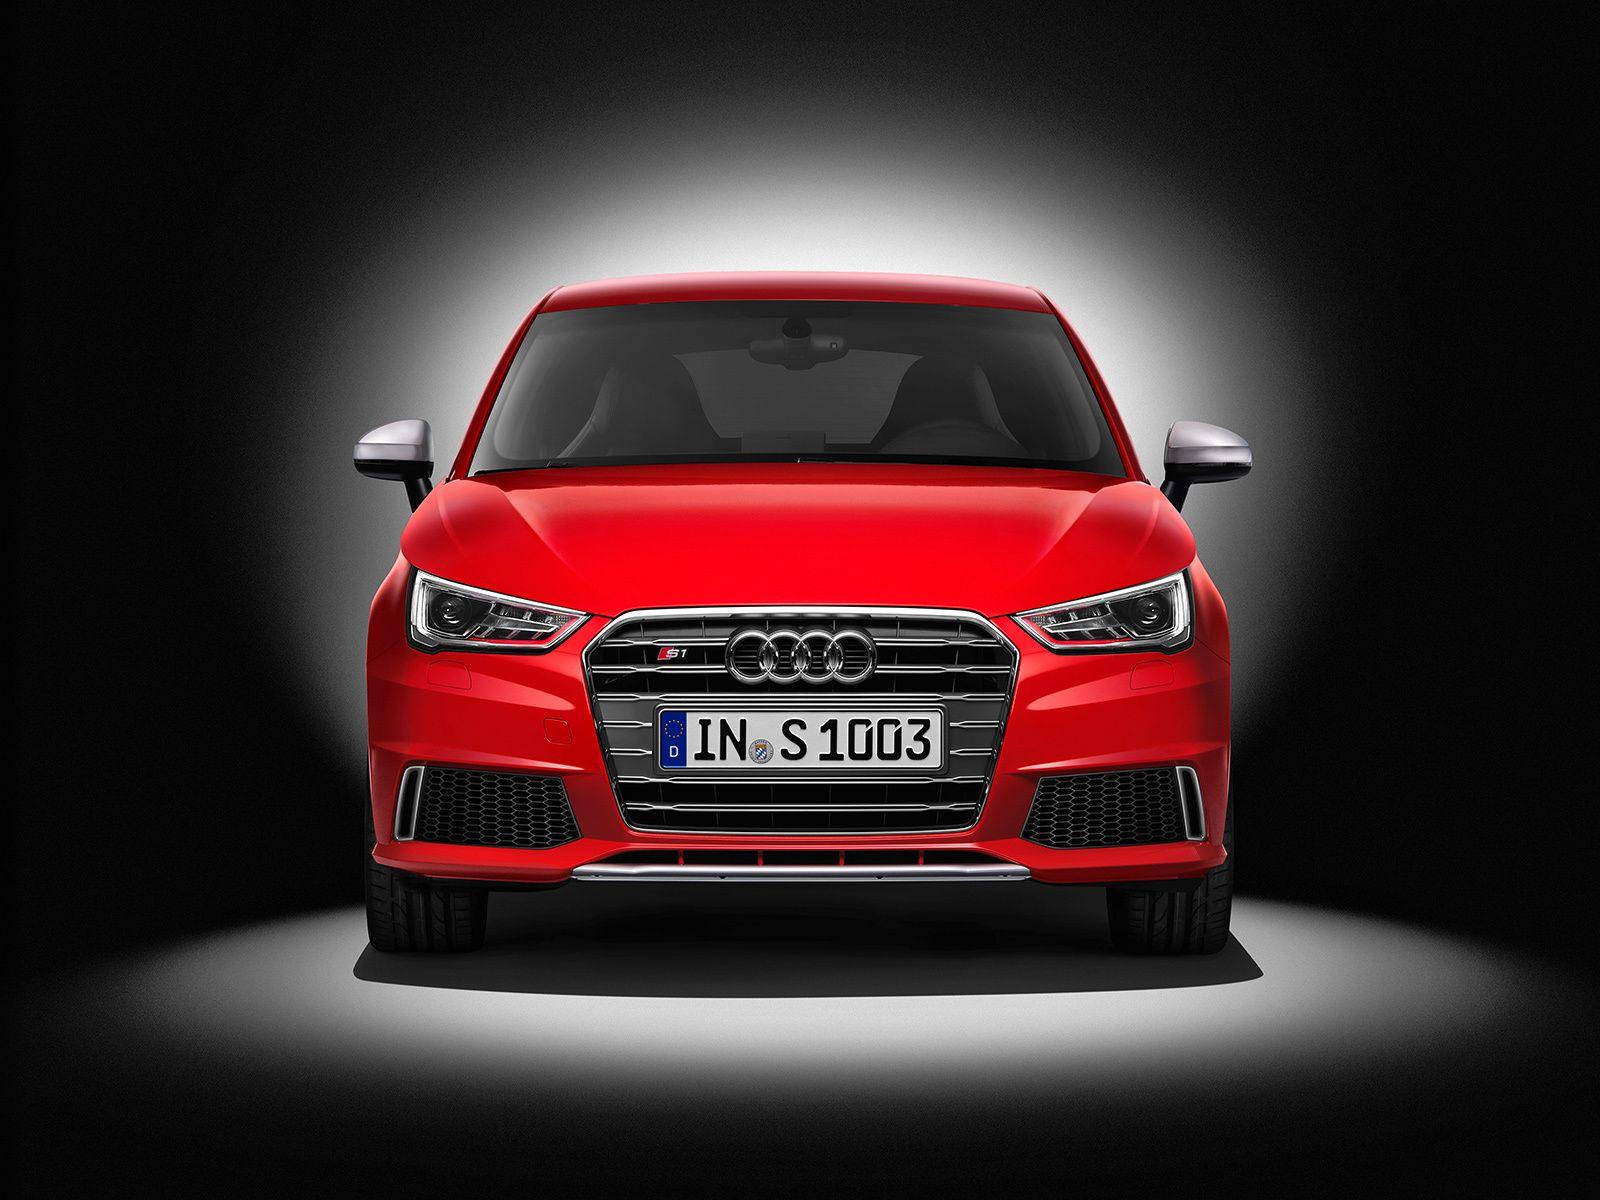 Обновленный Audi S модельного года Httpgodscom - Audi car finance